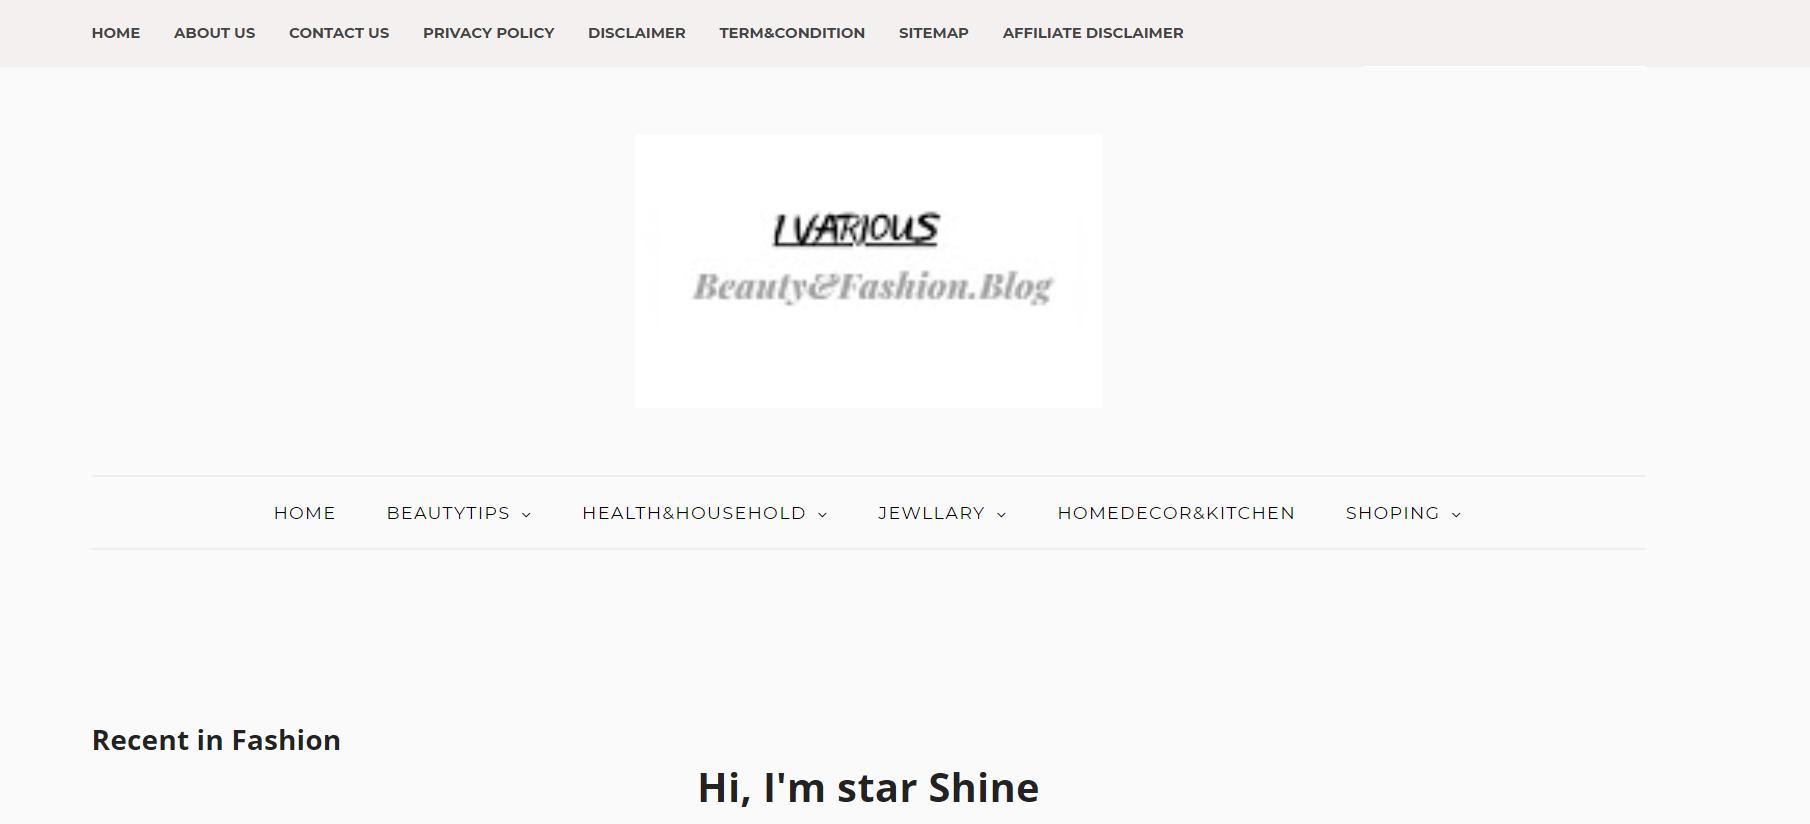 1various blog